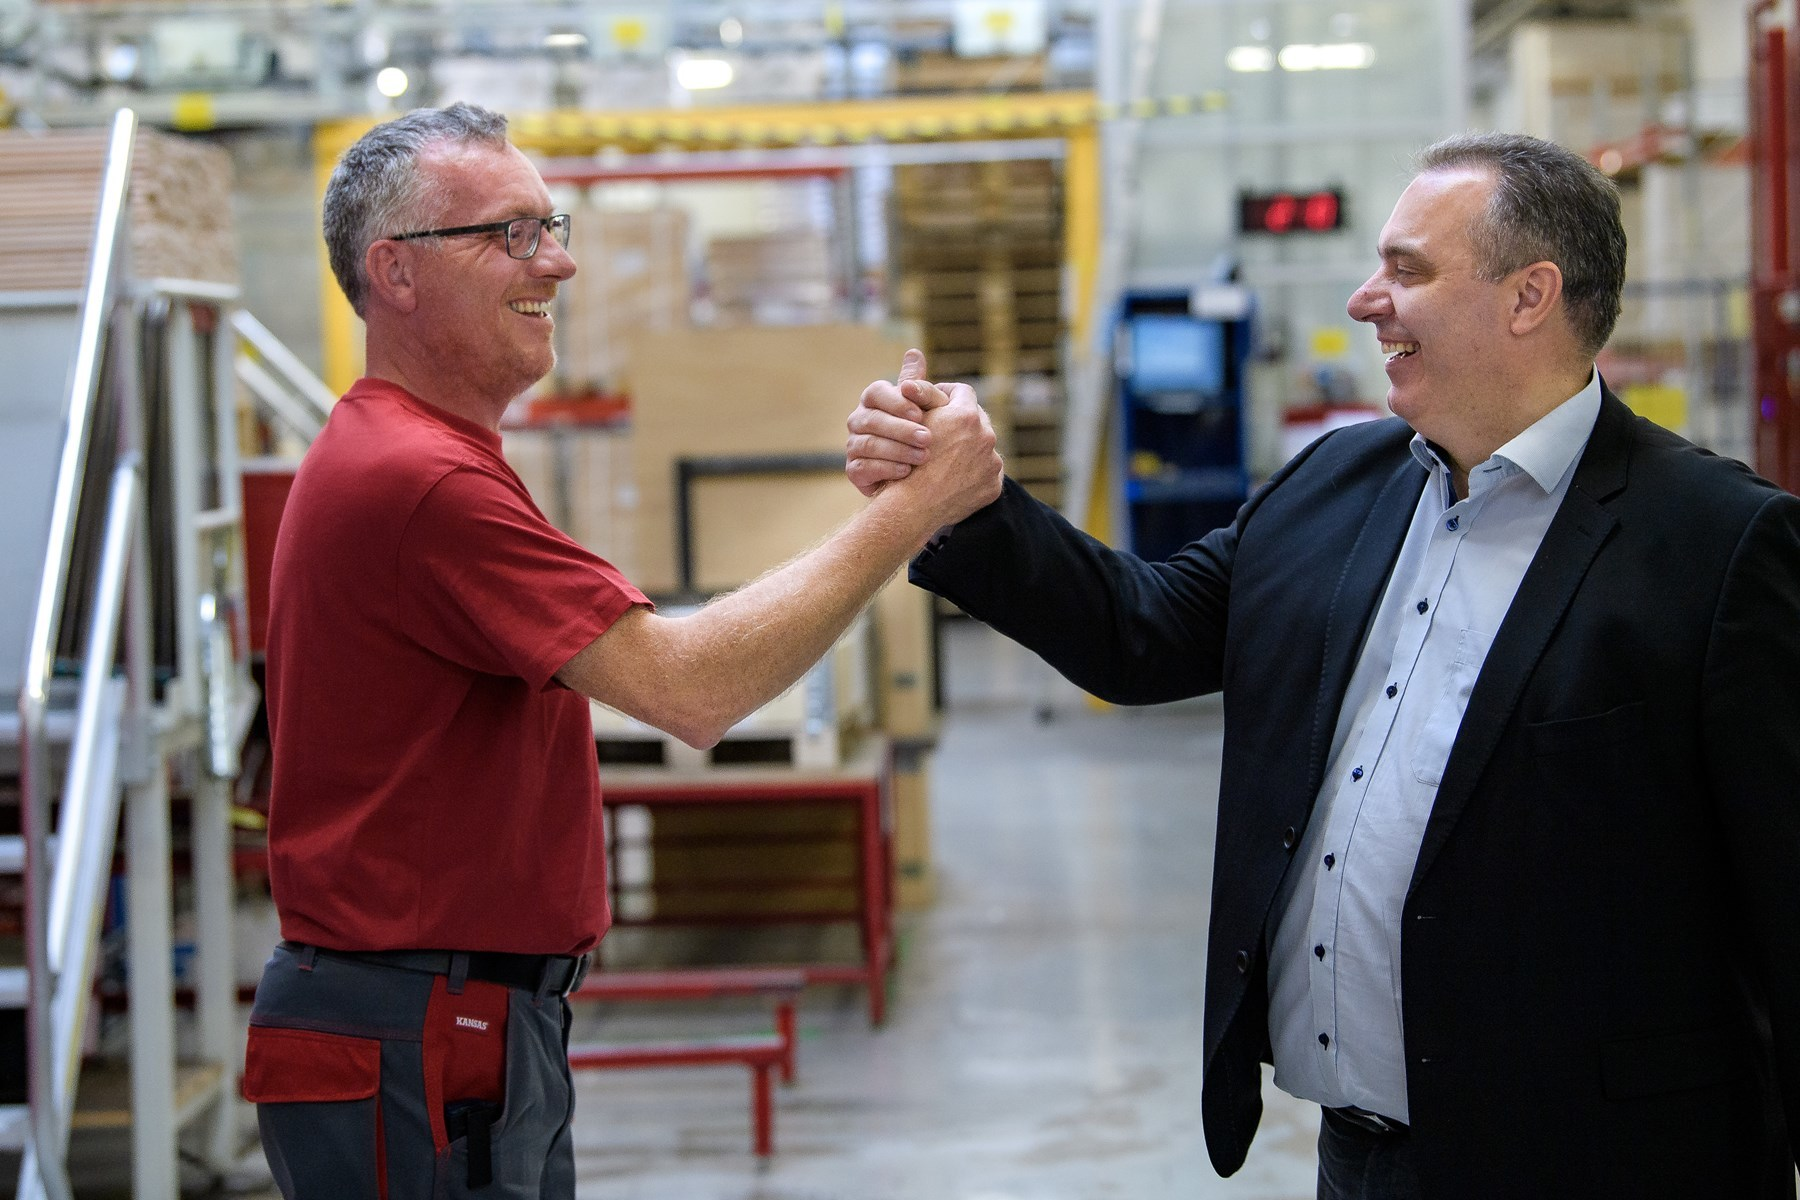 Klog investering sikrer 100 job i Frøstrup: - Det gør ondt men vi skal følge med